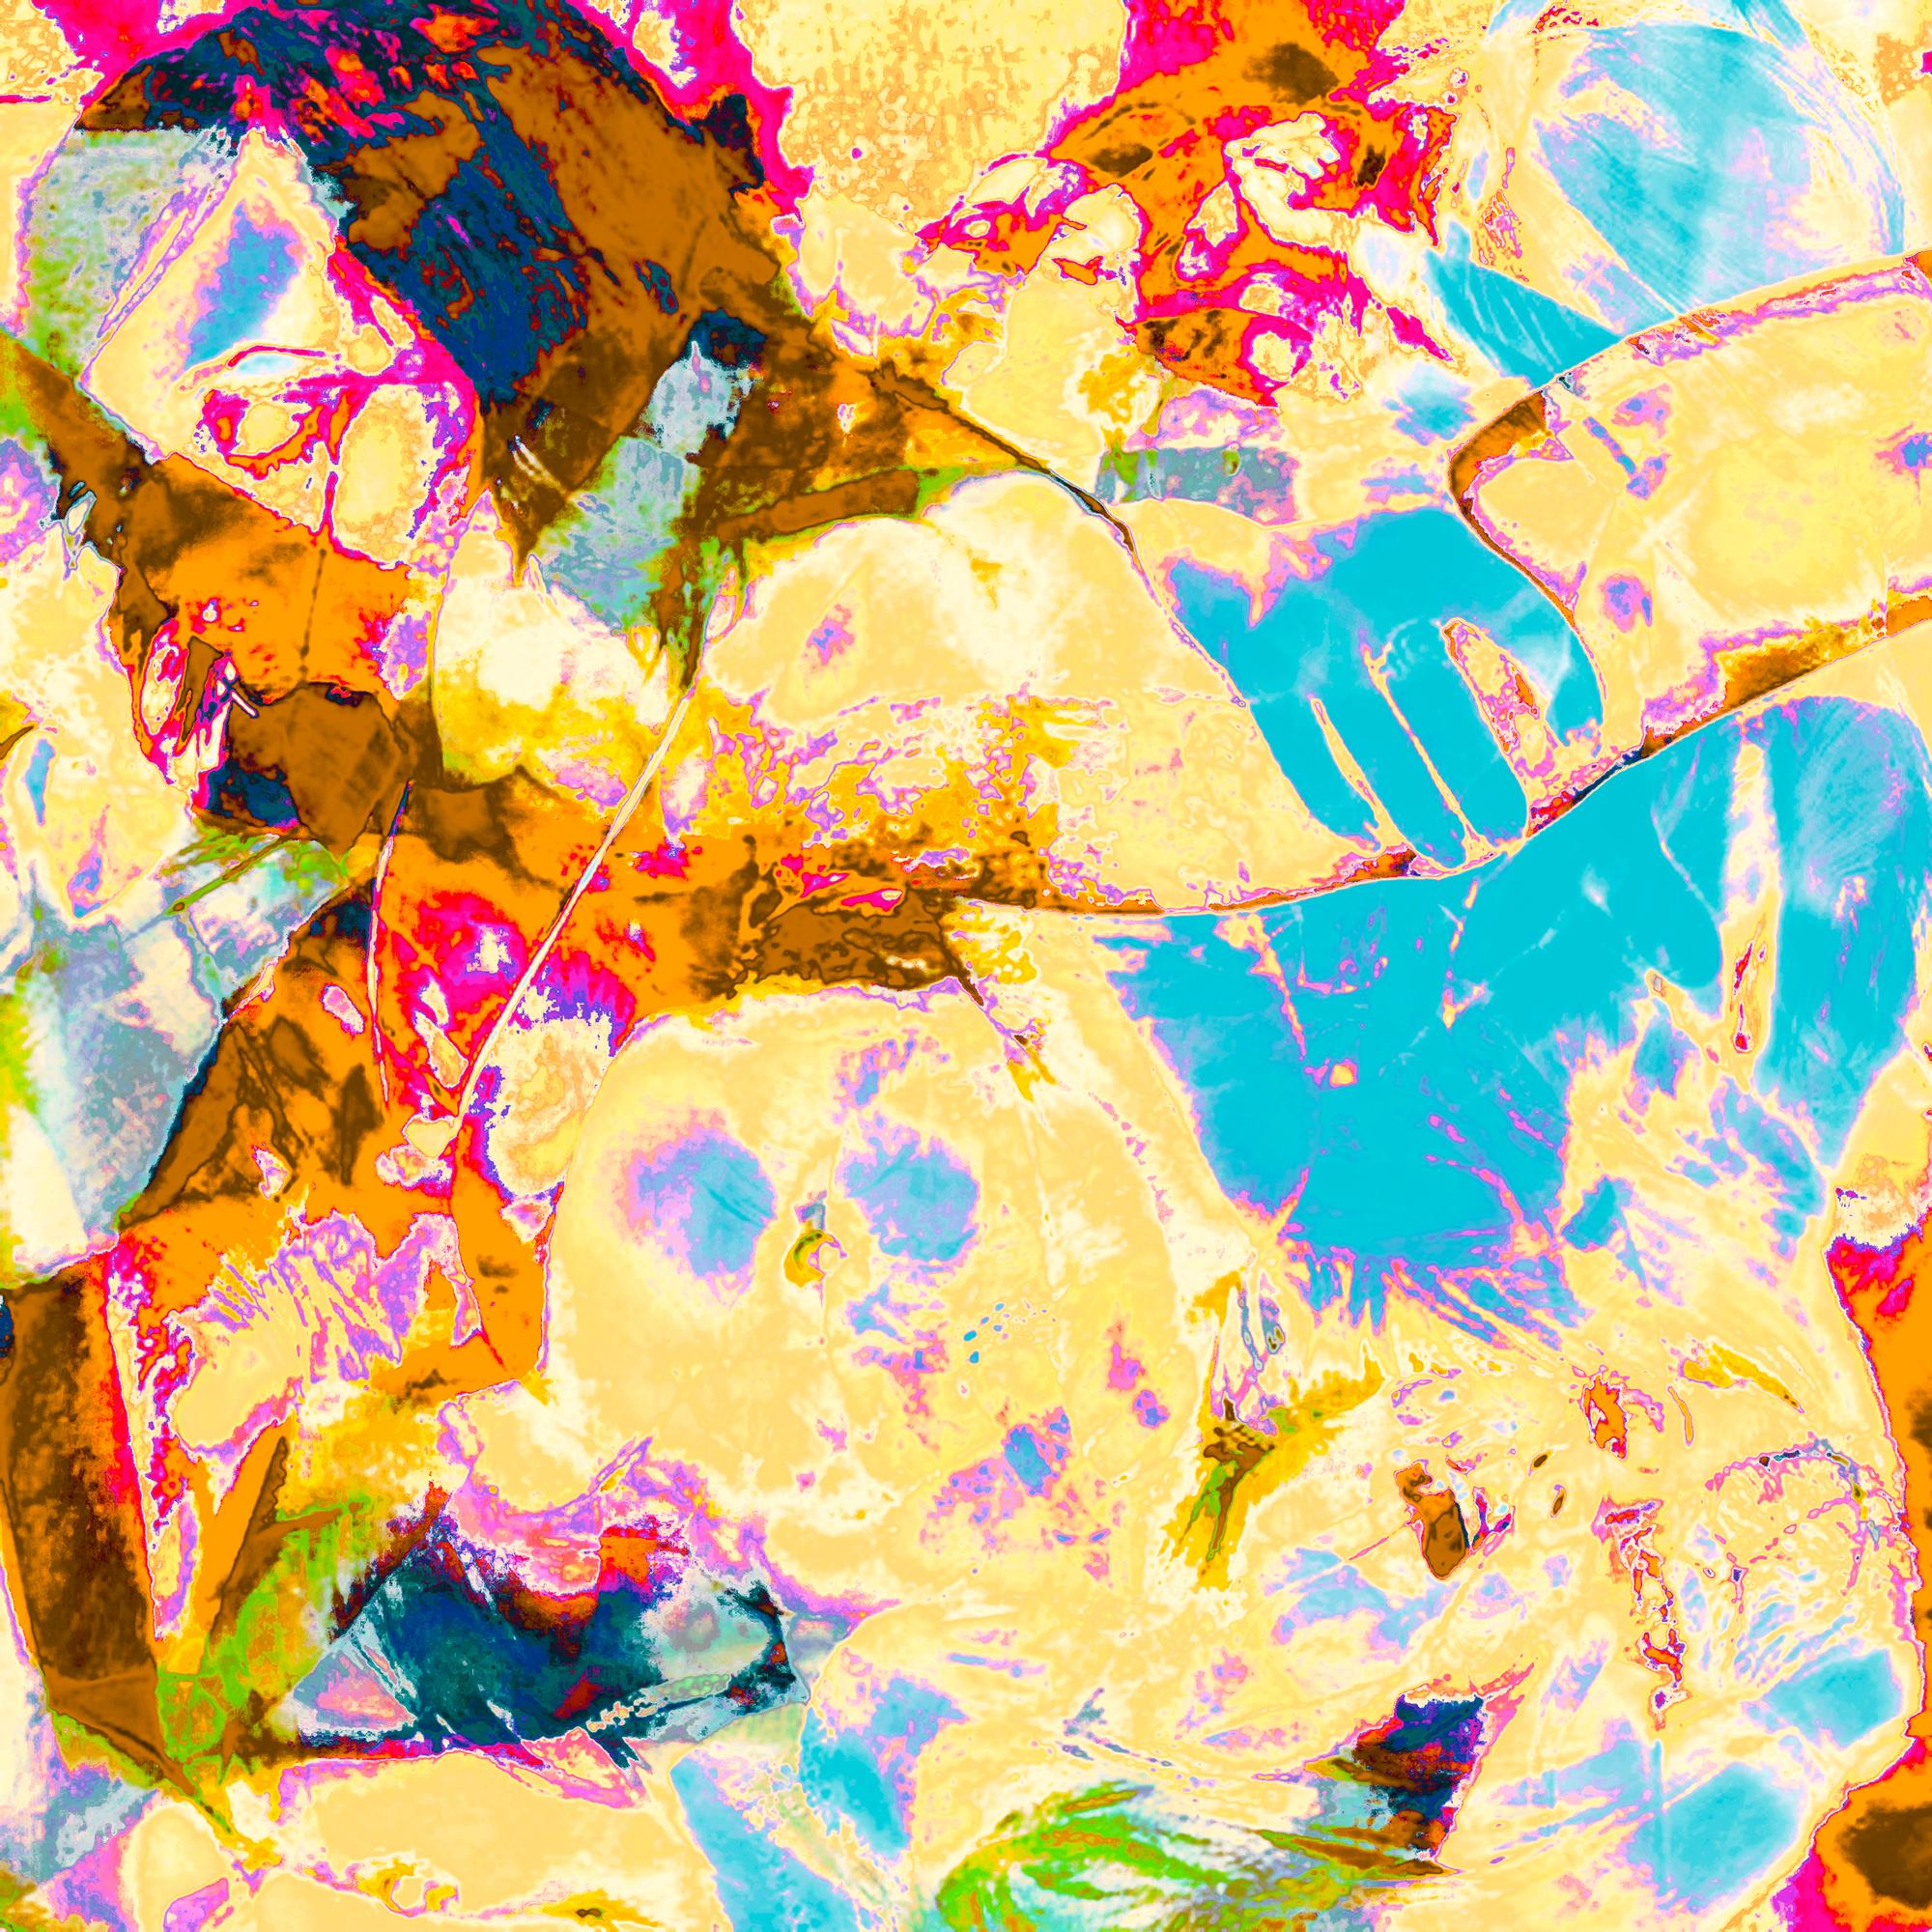 Overdose 2.0 09, 2010